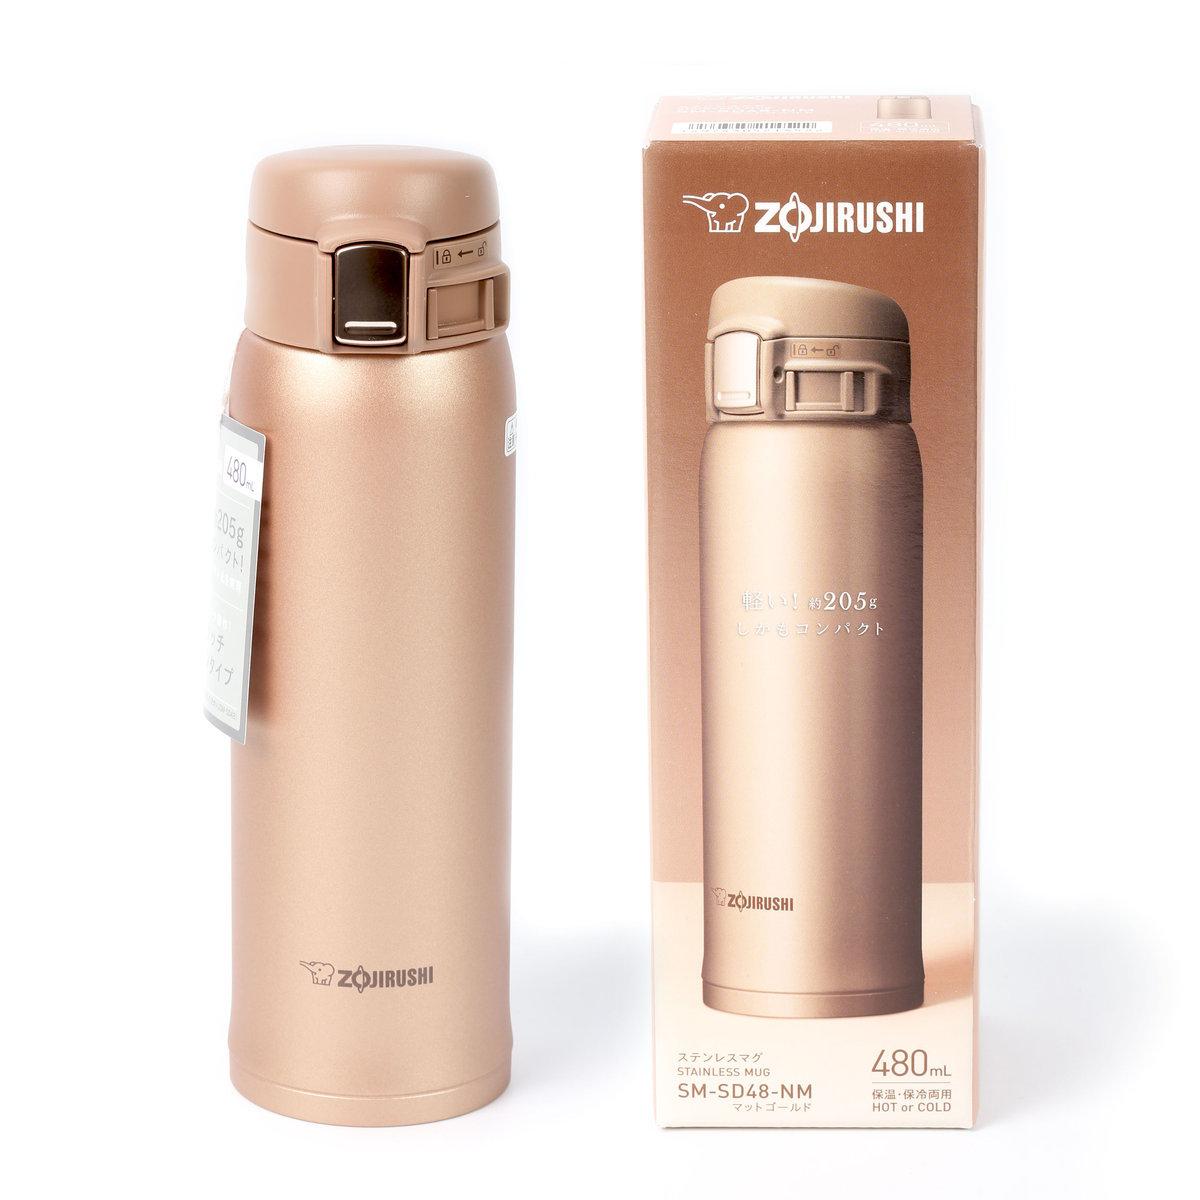 超輕量真空保溫瓶 SM-SD48--NM  (480ML)---香檳金色